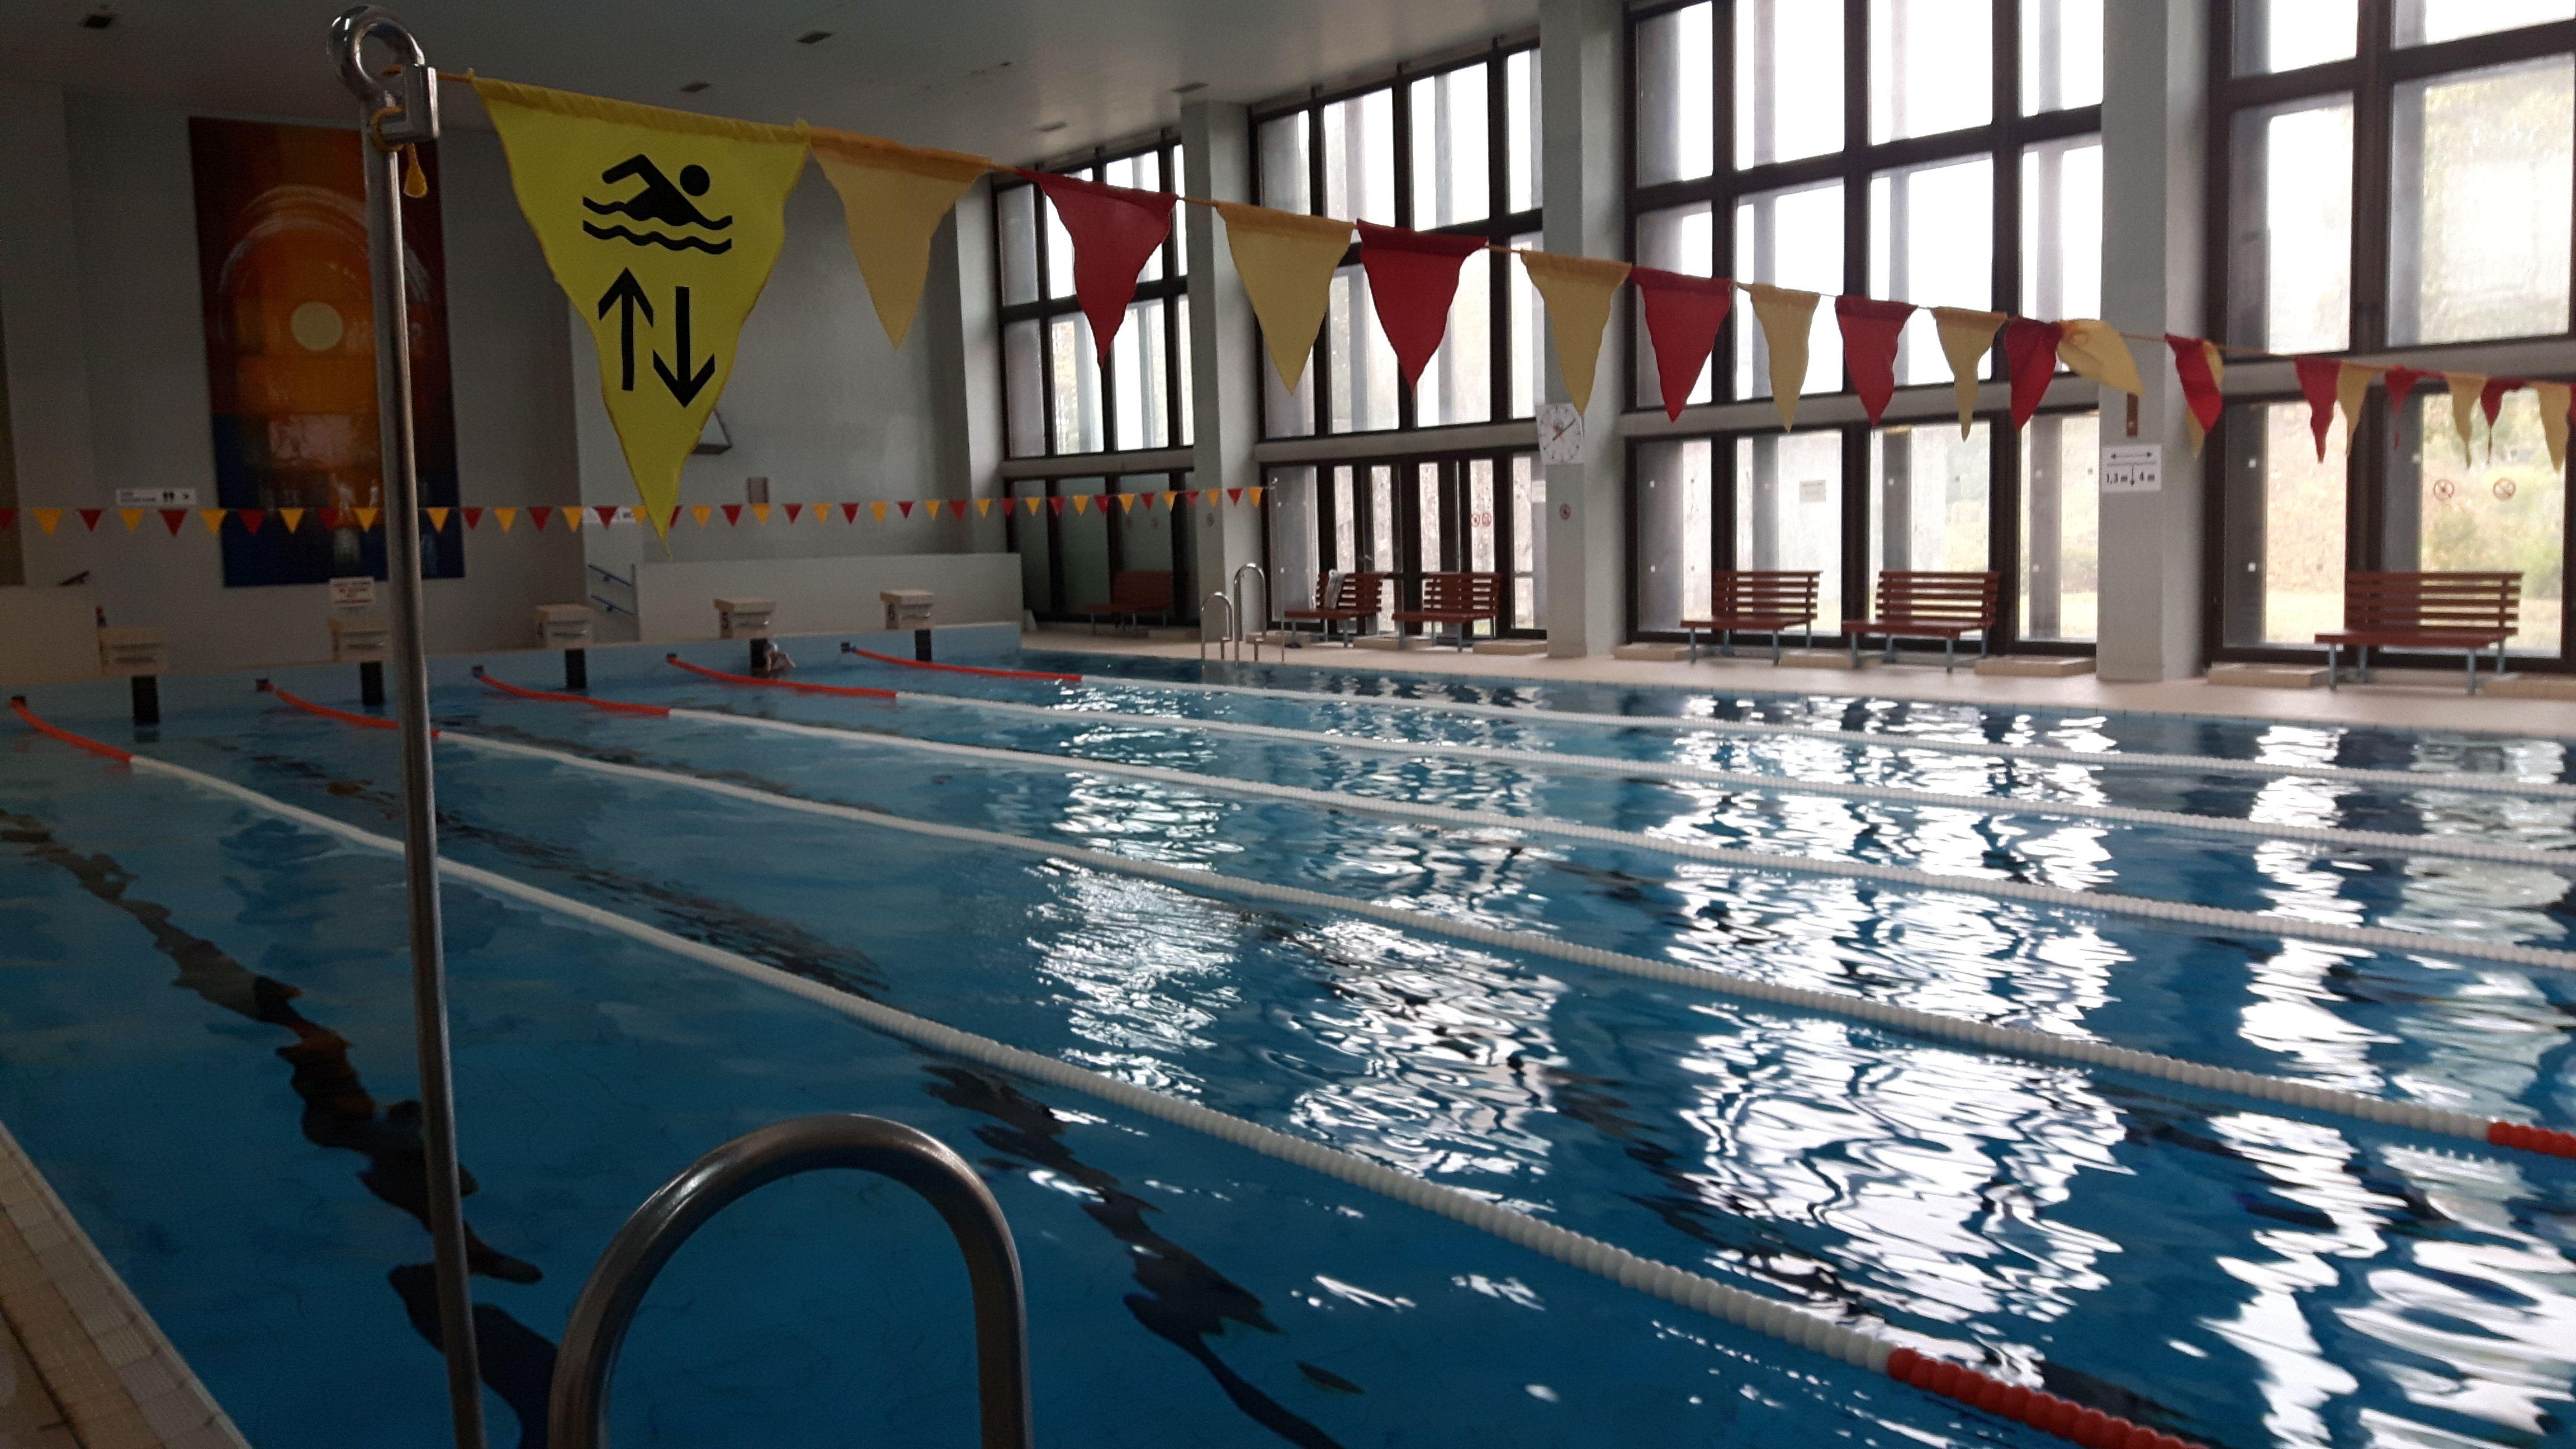 Počas štátnych sviatkov bude plaváreň v IUVENTE zatvorená!